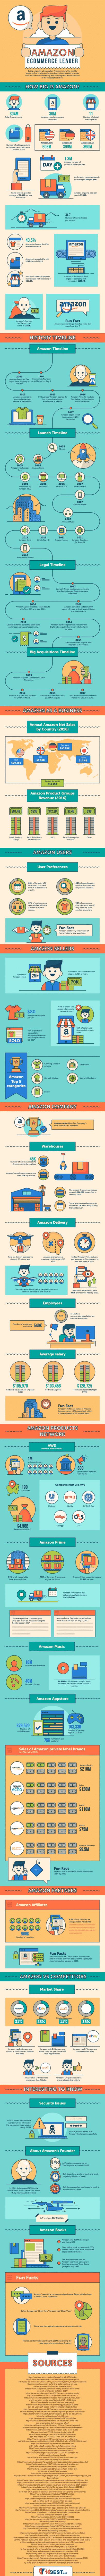 amazon infographic 2018